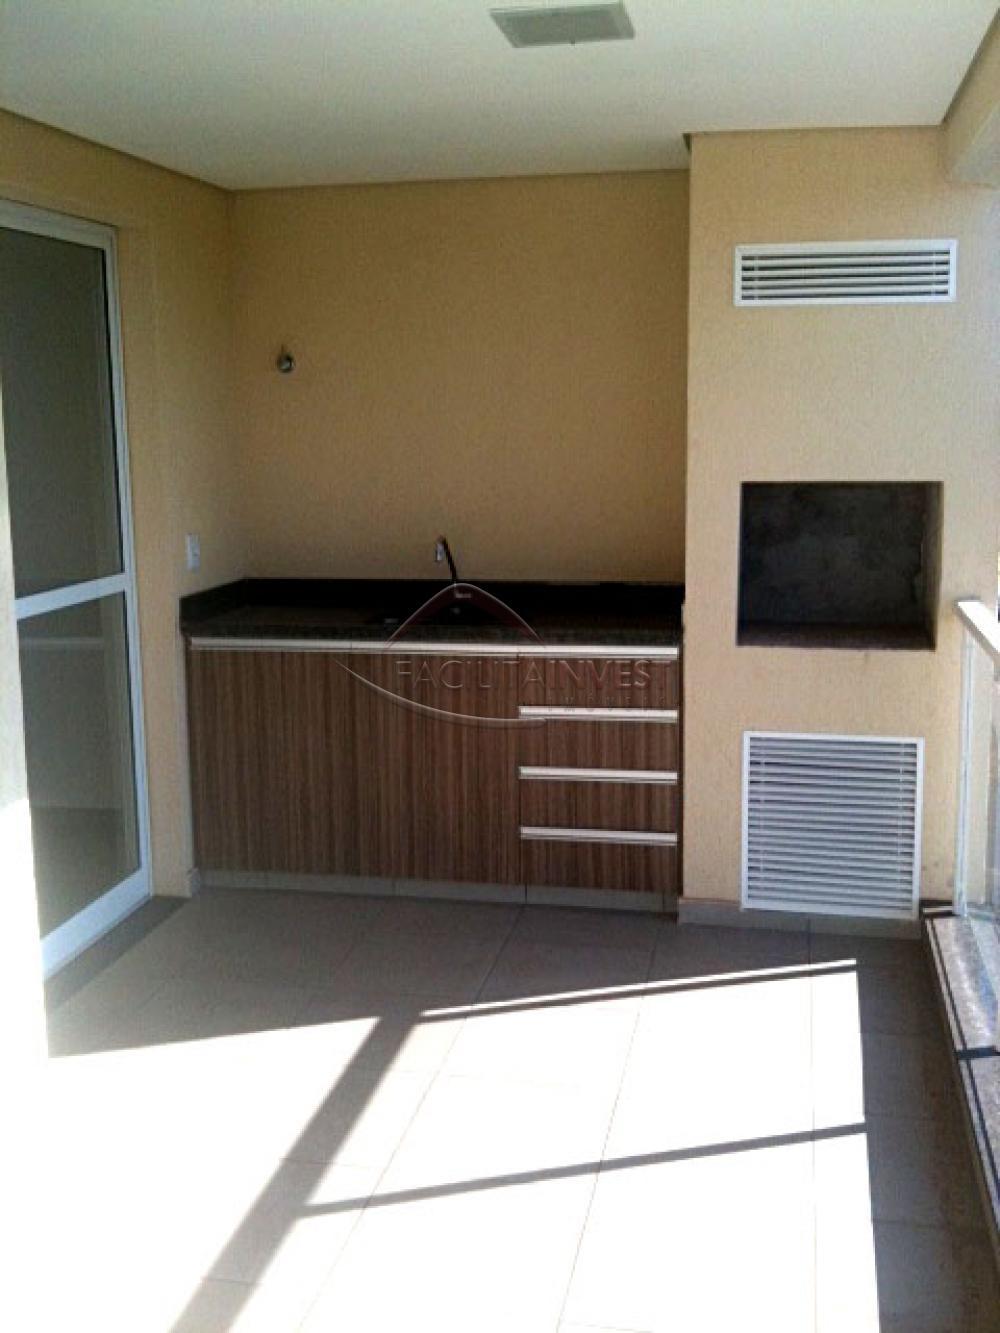 Alugar Apartamentos / Apart. Padrão em Ribeirão Preto apenas R$ 1.700,00 - Foto 3